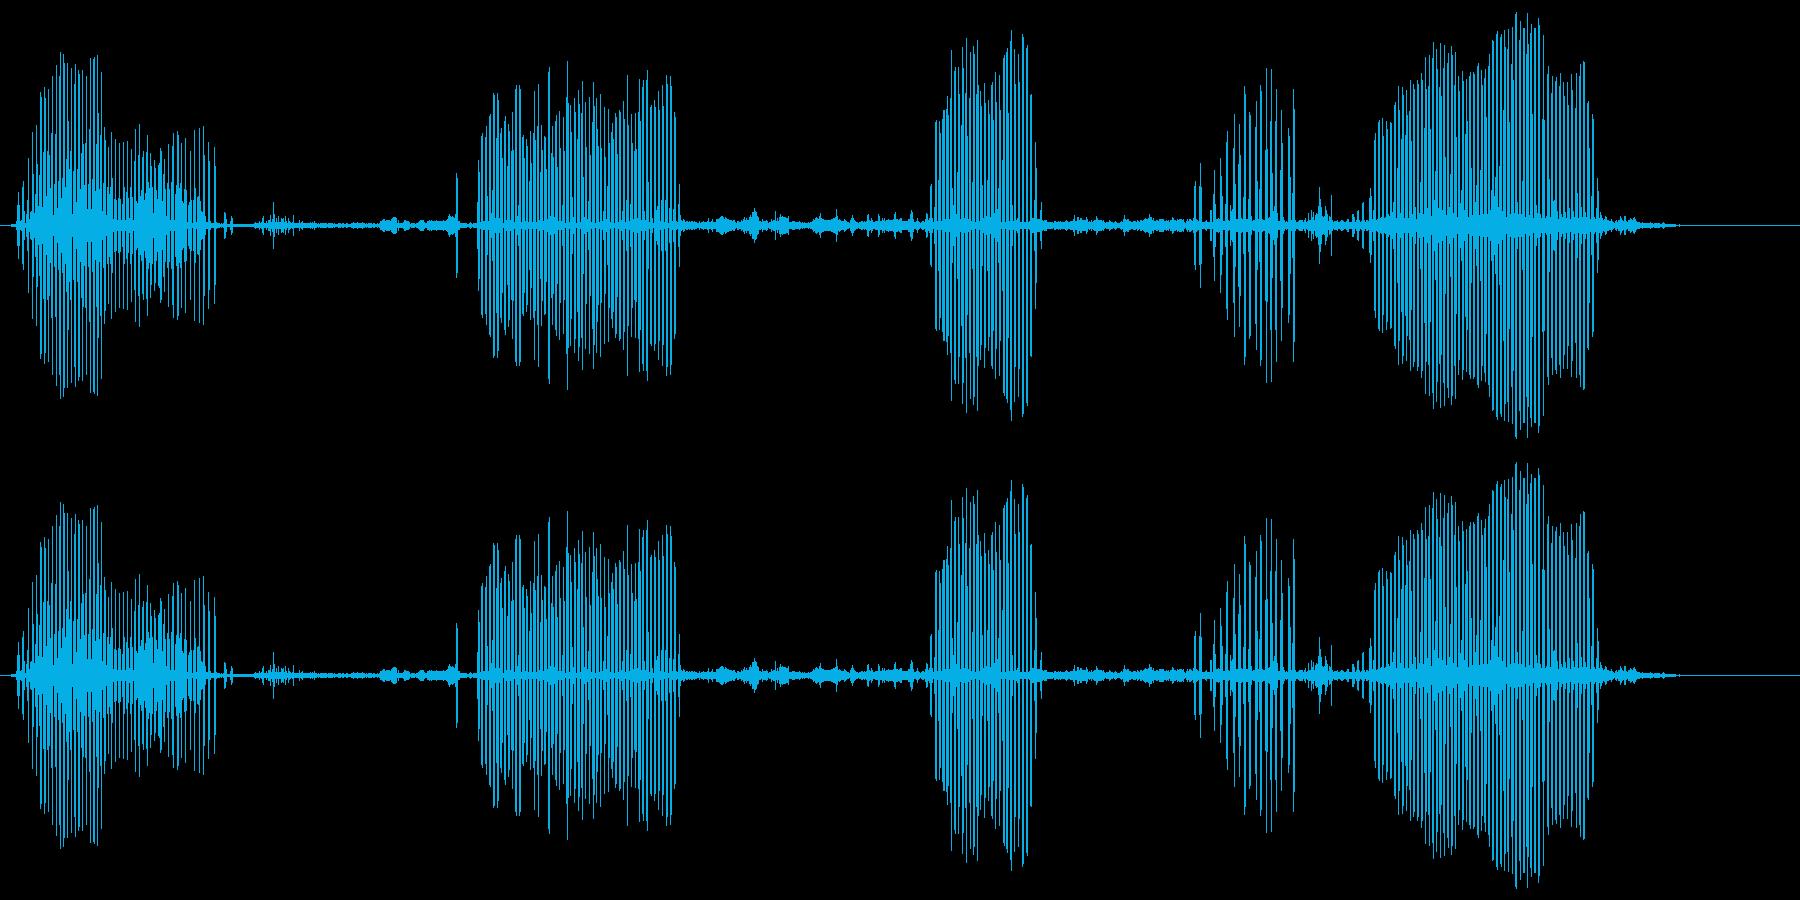 カイツブリの再生済みの波形